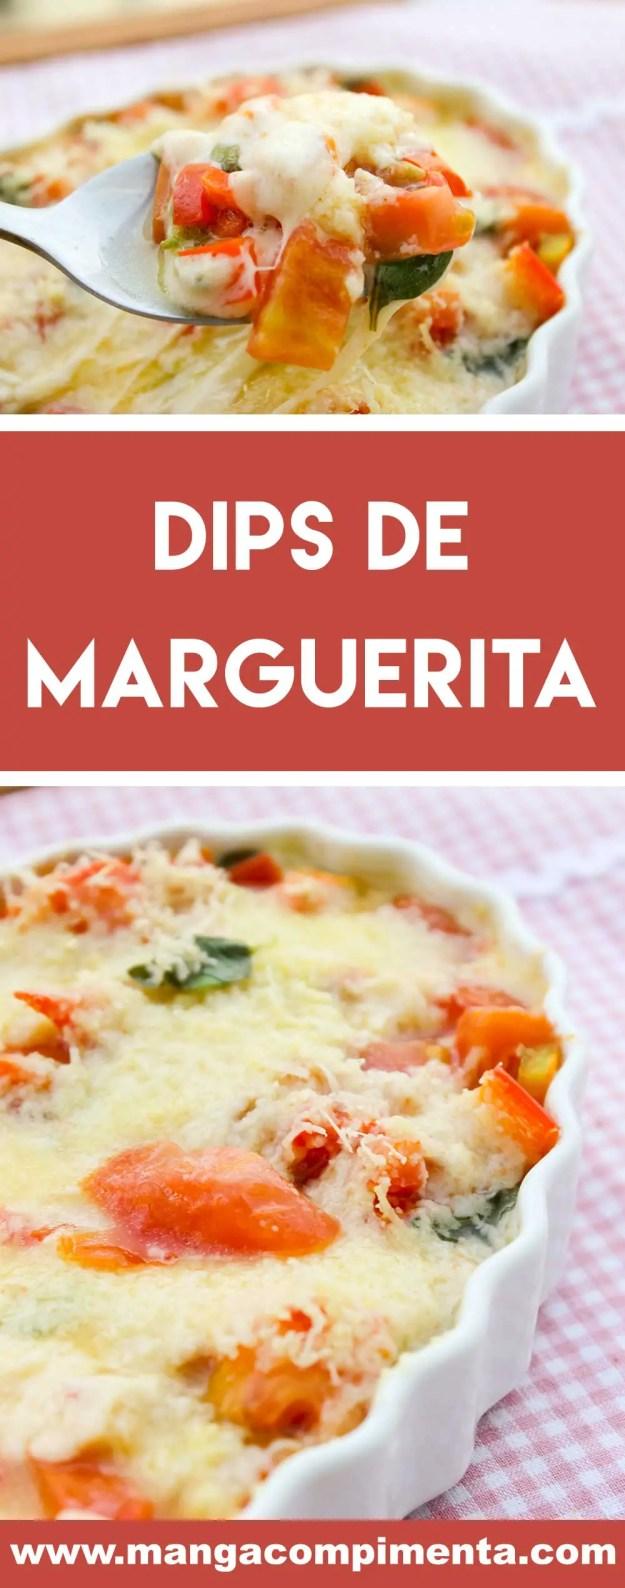 Receita de Dips de Marguerita - uma receita fácil e deliciosa para petiscar.